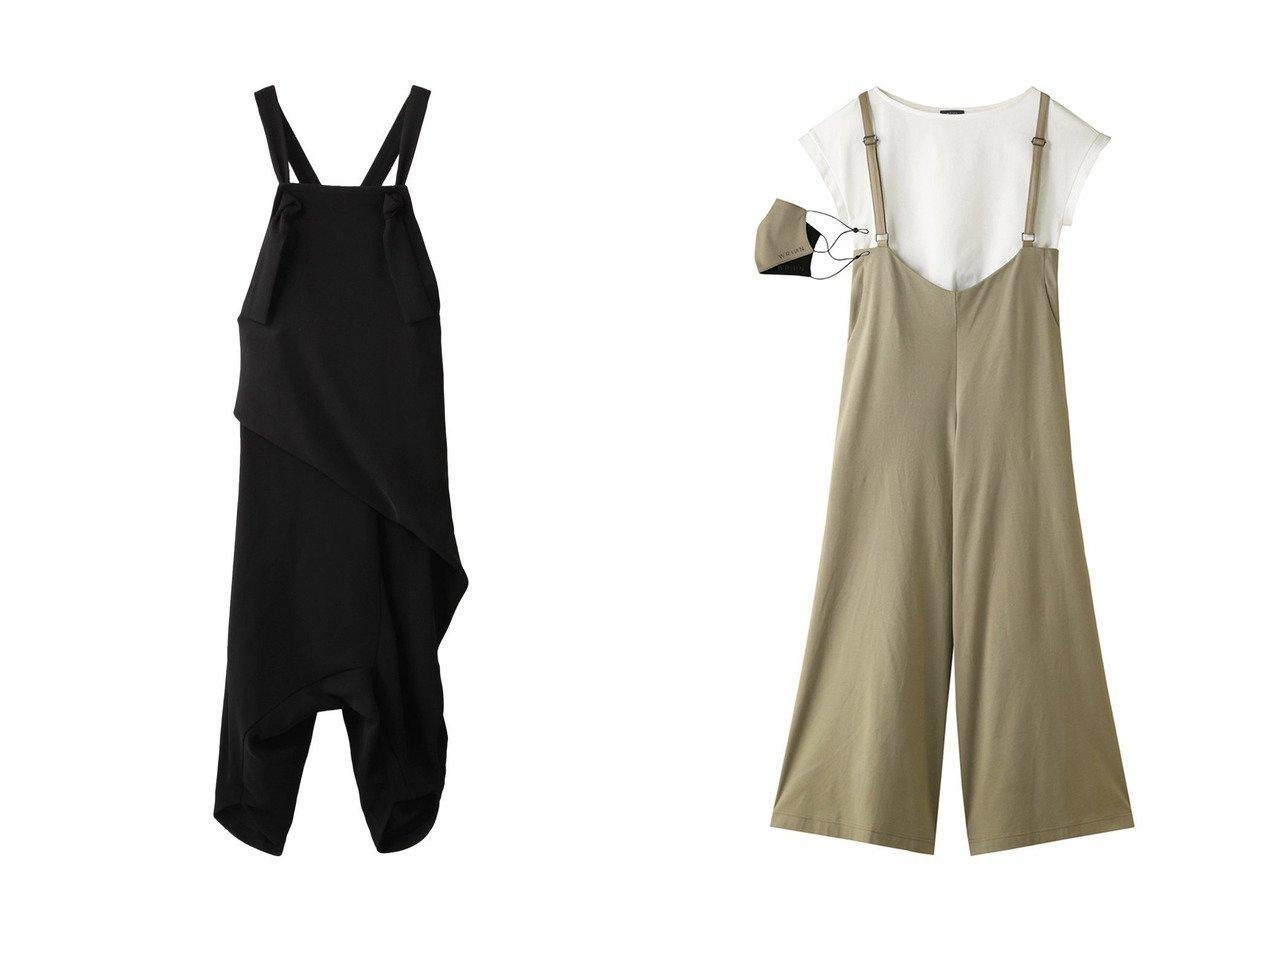 【WRINN/リン】の【限定】フレアパンツサロペット・Tシャツ・マスク3点セット&【ENFOLD/エンフォルド】のダブルサテン サルエルサロペット おすすめ!人気、トレンド・レディースファッションの通販 おすすめで人気の流行・トレンド、ファッションの通販商品 メンズファッション・キッズファッション・インテリア・家具・レディースファッション・服の通販 founy(ファニー) https://founy.com/ ファッション Fashion レディースファッション WOMEN 2021年 2021 2021春夏・S/S SS/Spring/Summer/2021 S/S・春夏 SS・Spring/Summer アシンメトリー サテン ダブル ドレープ ラップ 春 Spring インド サロペット シルク パウダー フェイクレザー フェミニン フレア 半袖 リバーシブル  ID:crp329100000027169